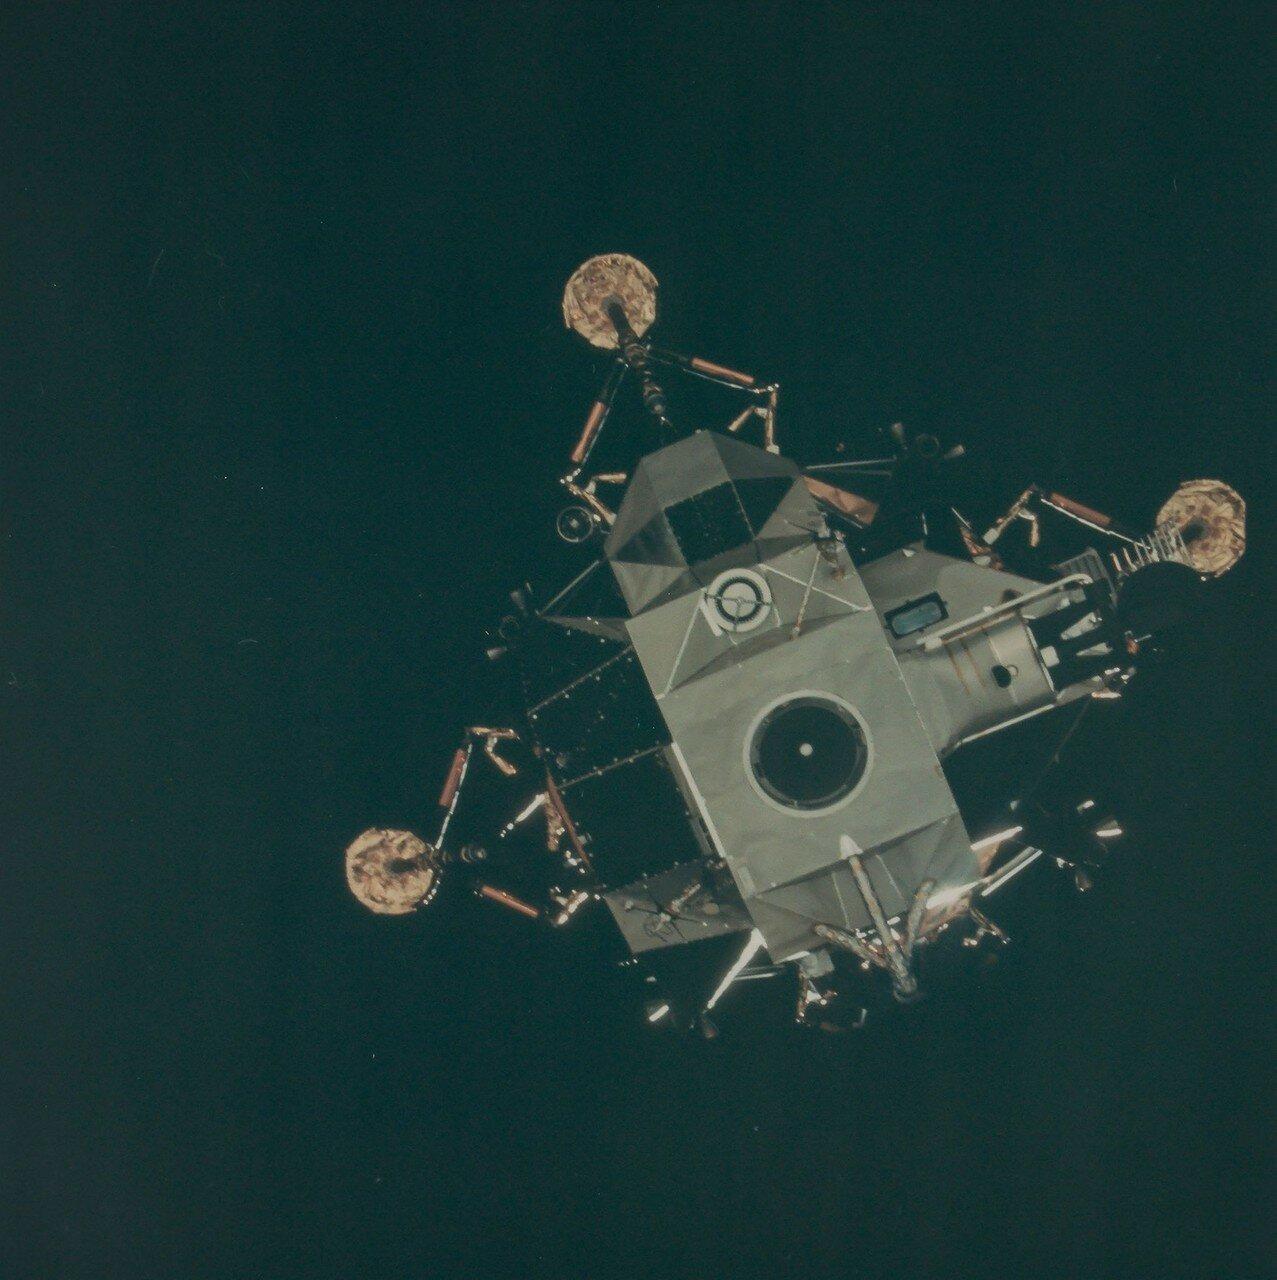 В начале четвёртого часа полёта начались операции по перестроению отсеков. При предыдущих полётах кораблей серии «Аполлон» эти операции обычно занимали около 25 минут, но в этот раз потребовалось  два часа. На снимке: Л.М. отделяется от Командного Модуля